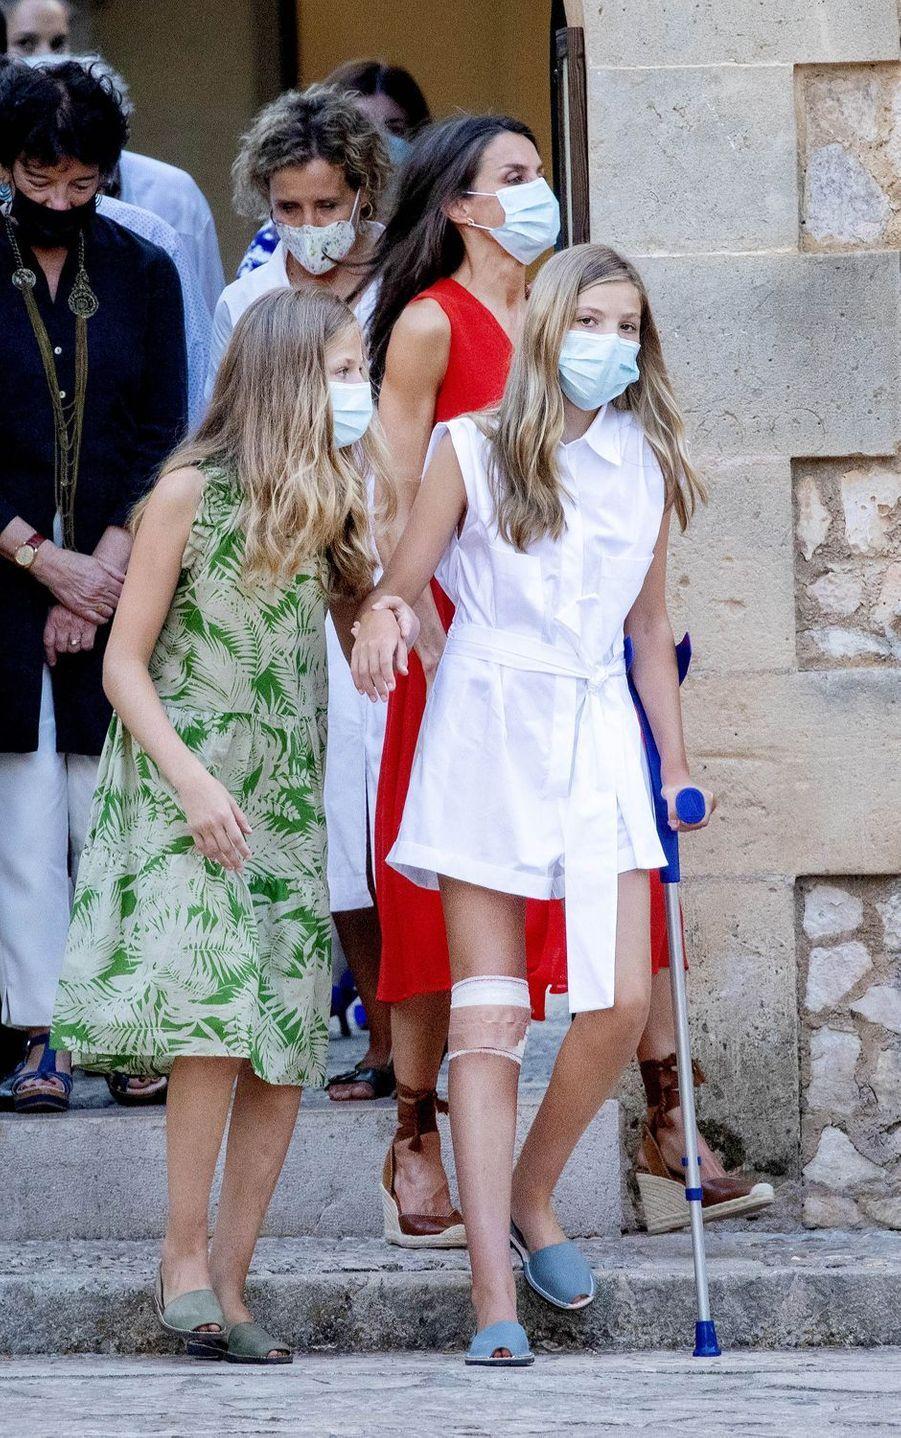 La reine Letizia d'Espagne et ses filles les princesses Leonor et Sofia à Petra sur l'île de Majorque, le 10 août 2020